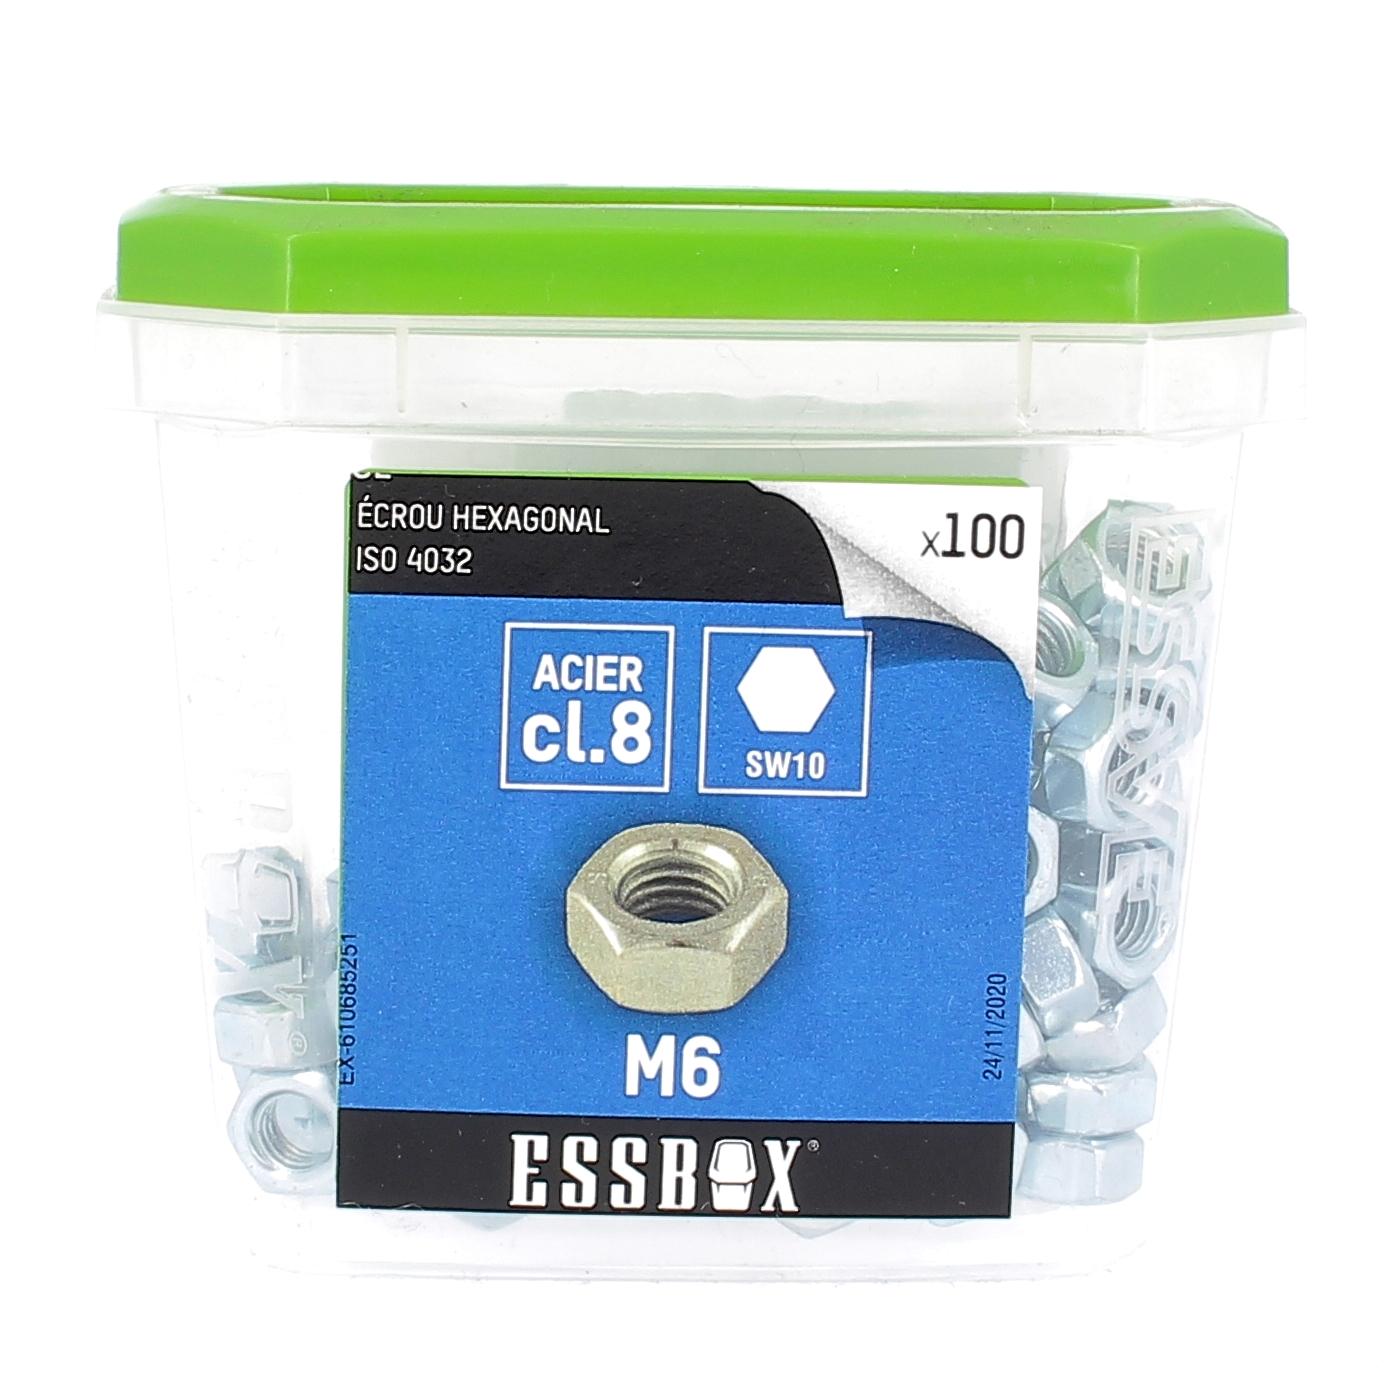 ESSBOX de 100 Ecrous Hu M6 Acier 8.8 Zingué ISO 4032